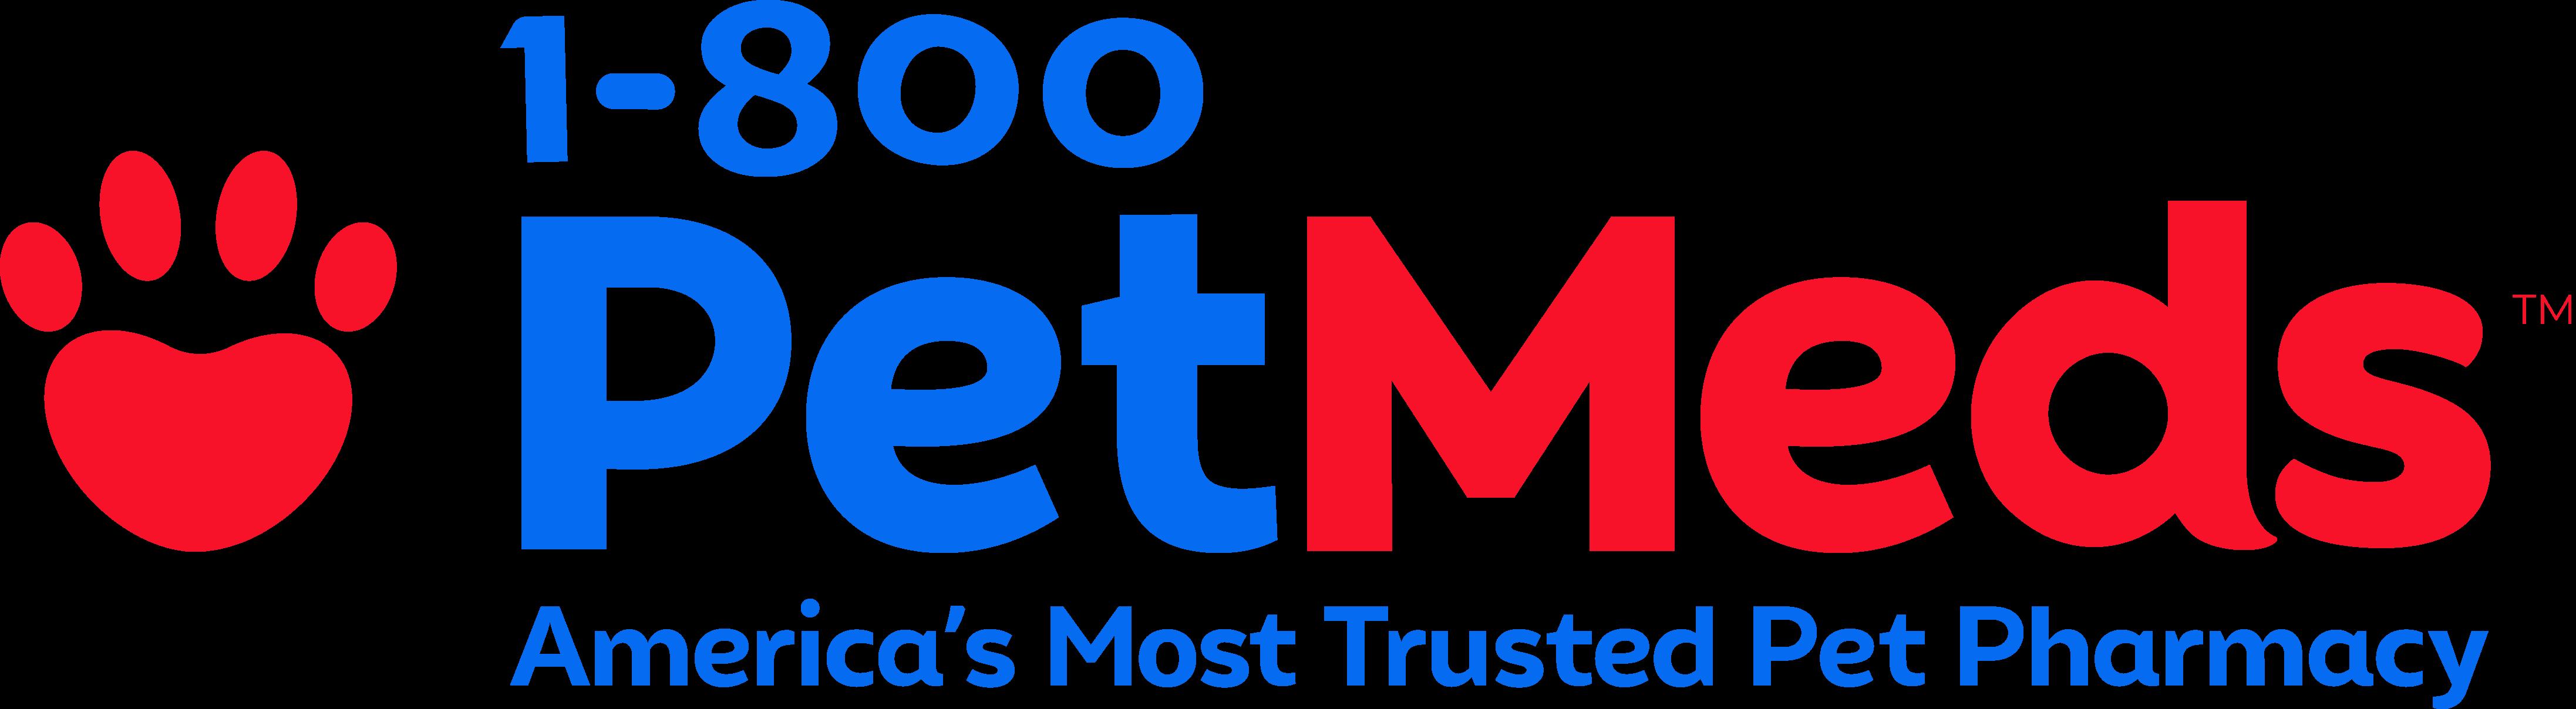 PetMeds logo